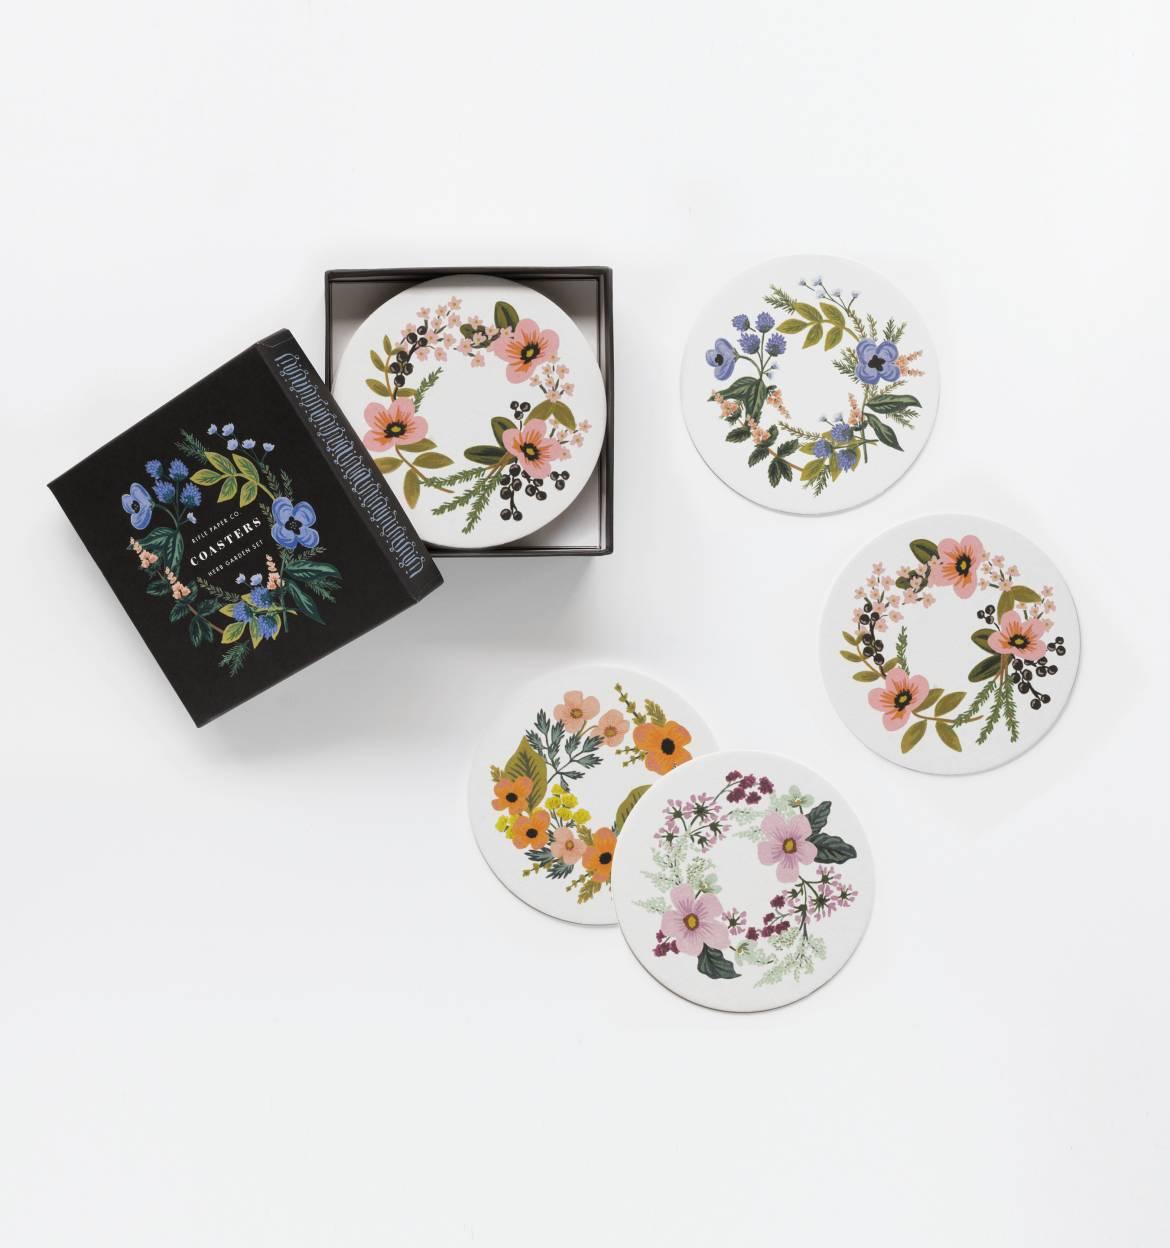 coa006-herb-garden-coasters-03